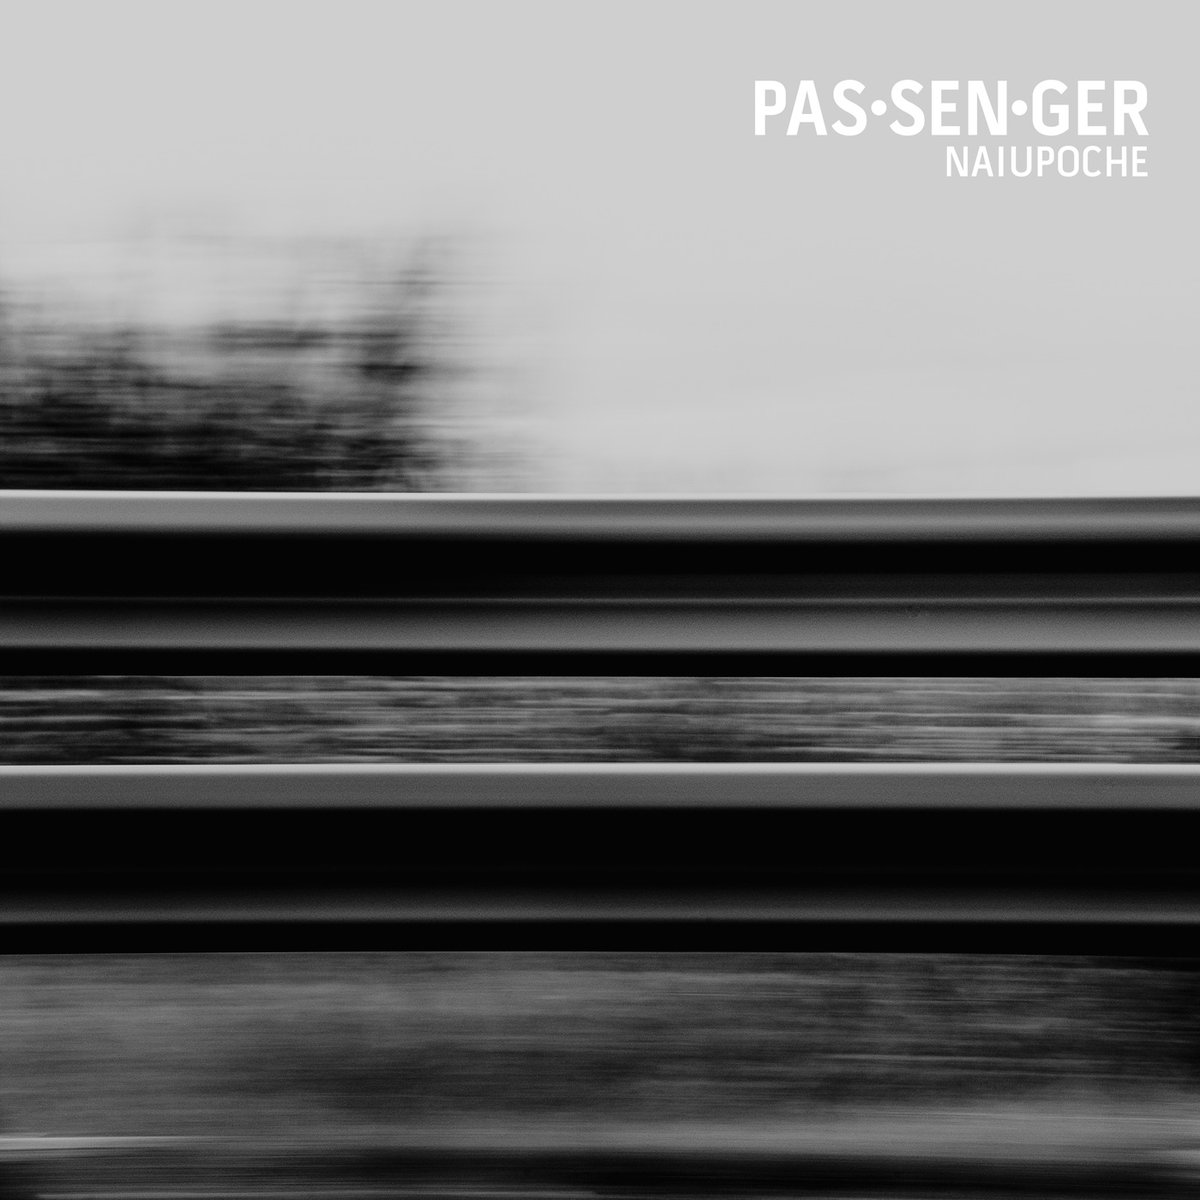 Naiupoche -`` Venerdì santo, Vol. 1: Passenger`` - album cover